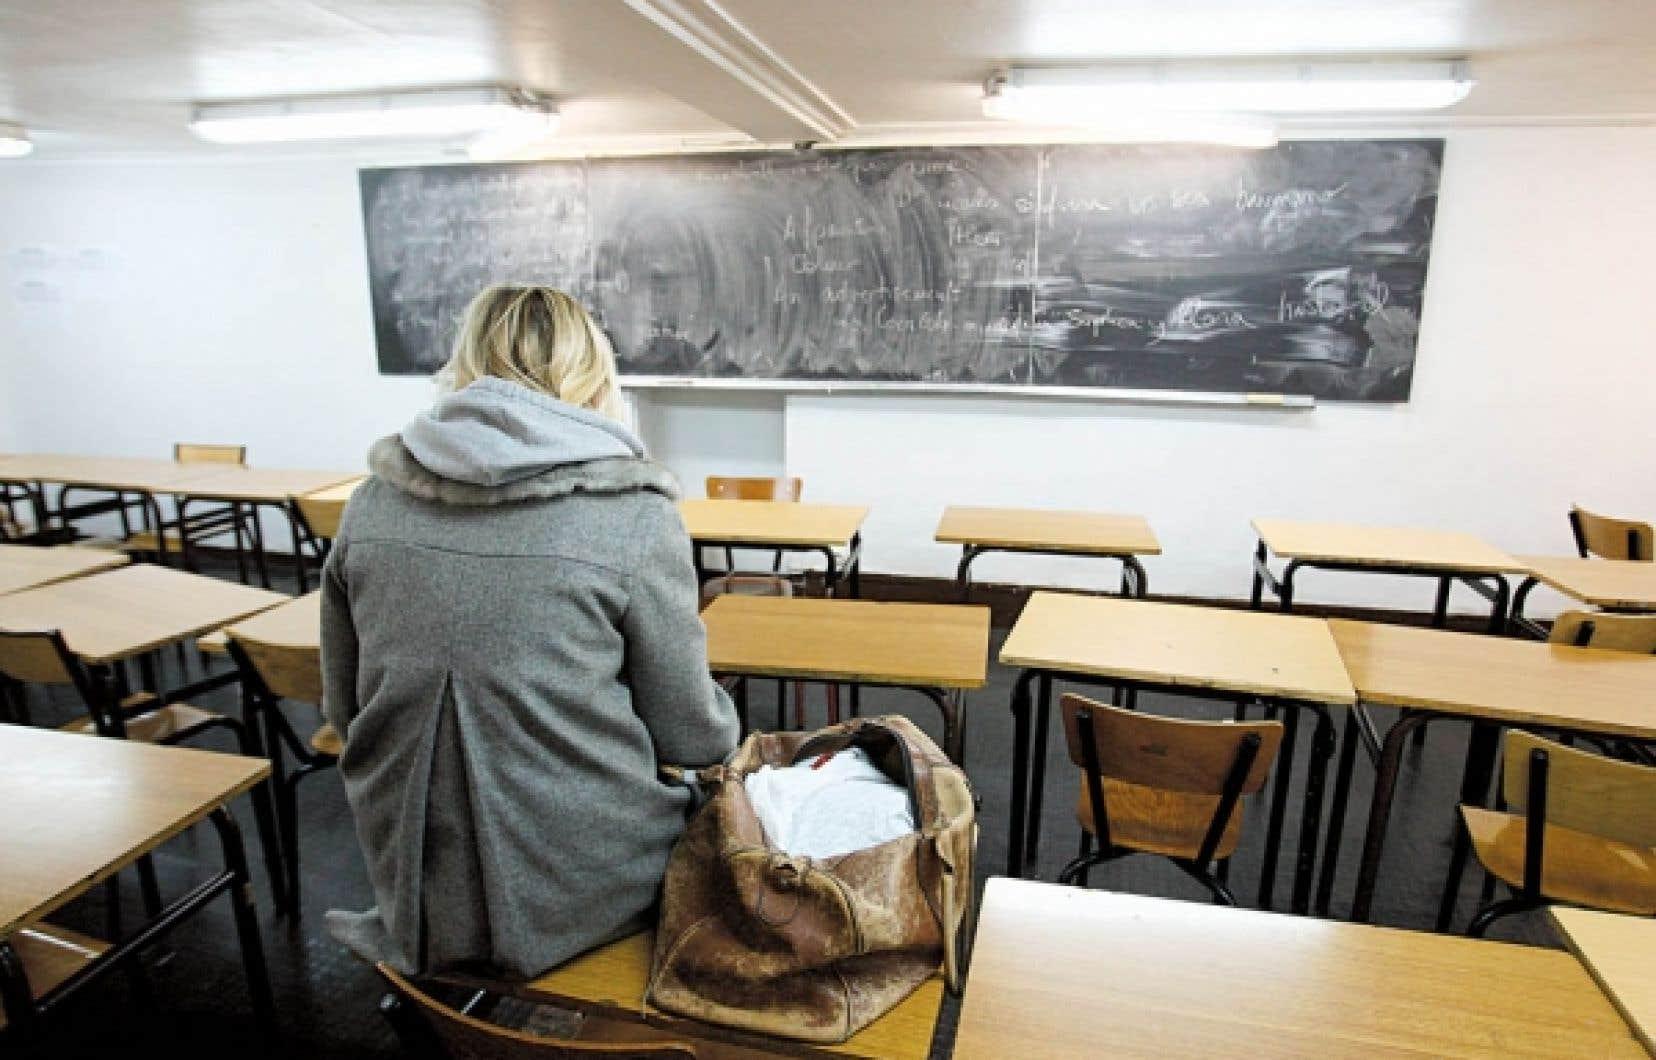 Pour accueillir les étudiants de la réforme, les enseignants doivent maintenant développer une pédagogie universelle de la première session au cégep.